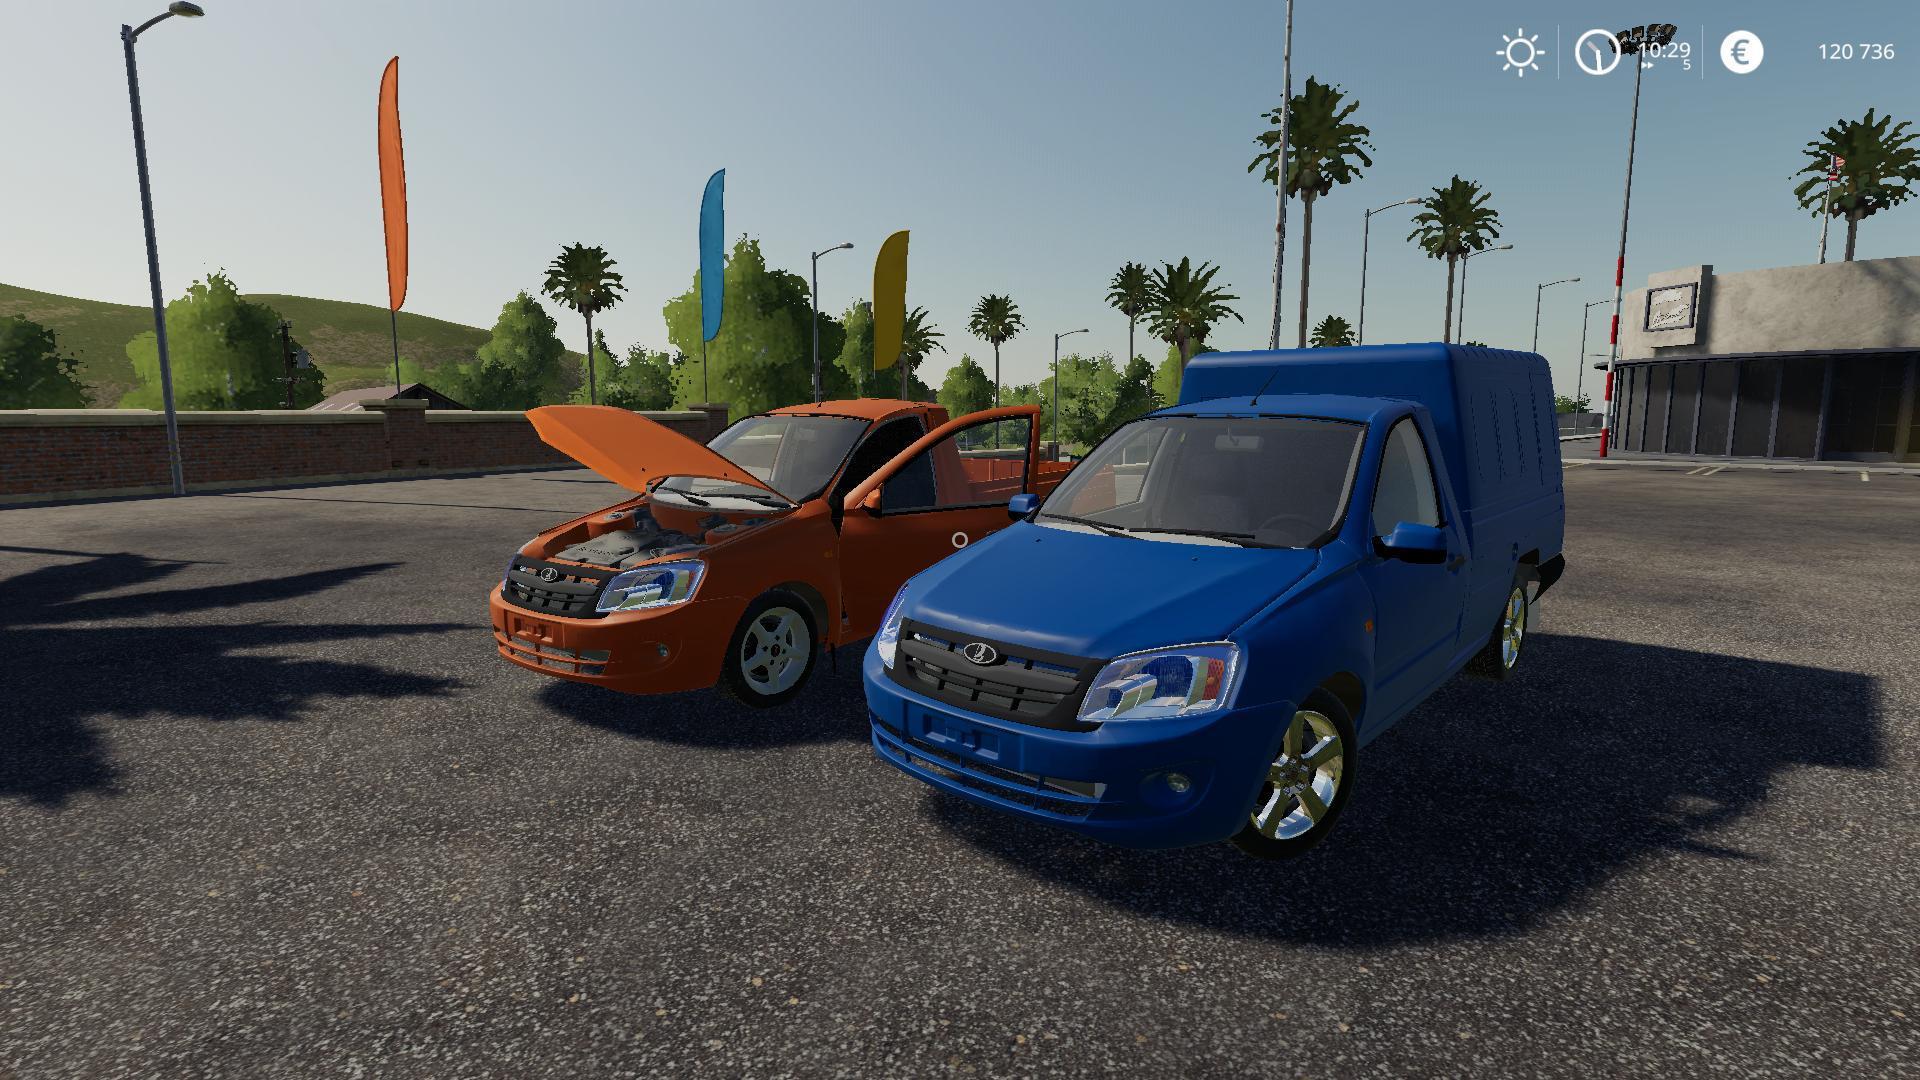 FS19 - Lada Granta Pickup V1.0